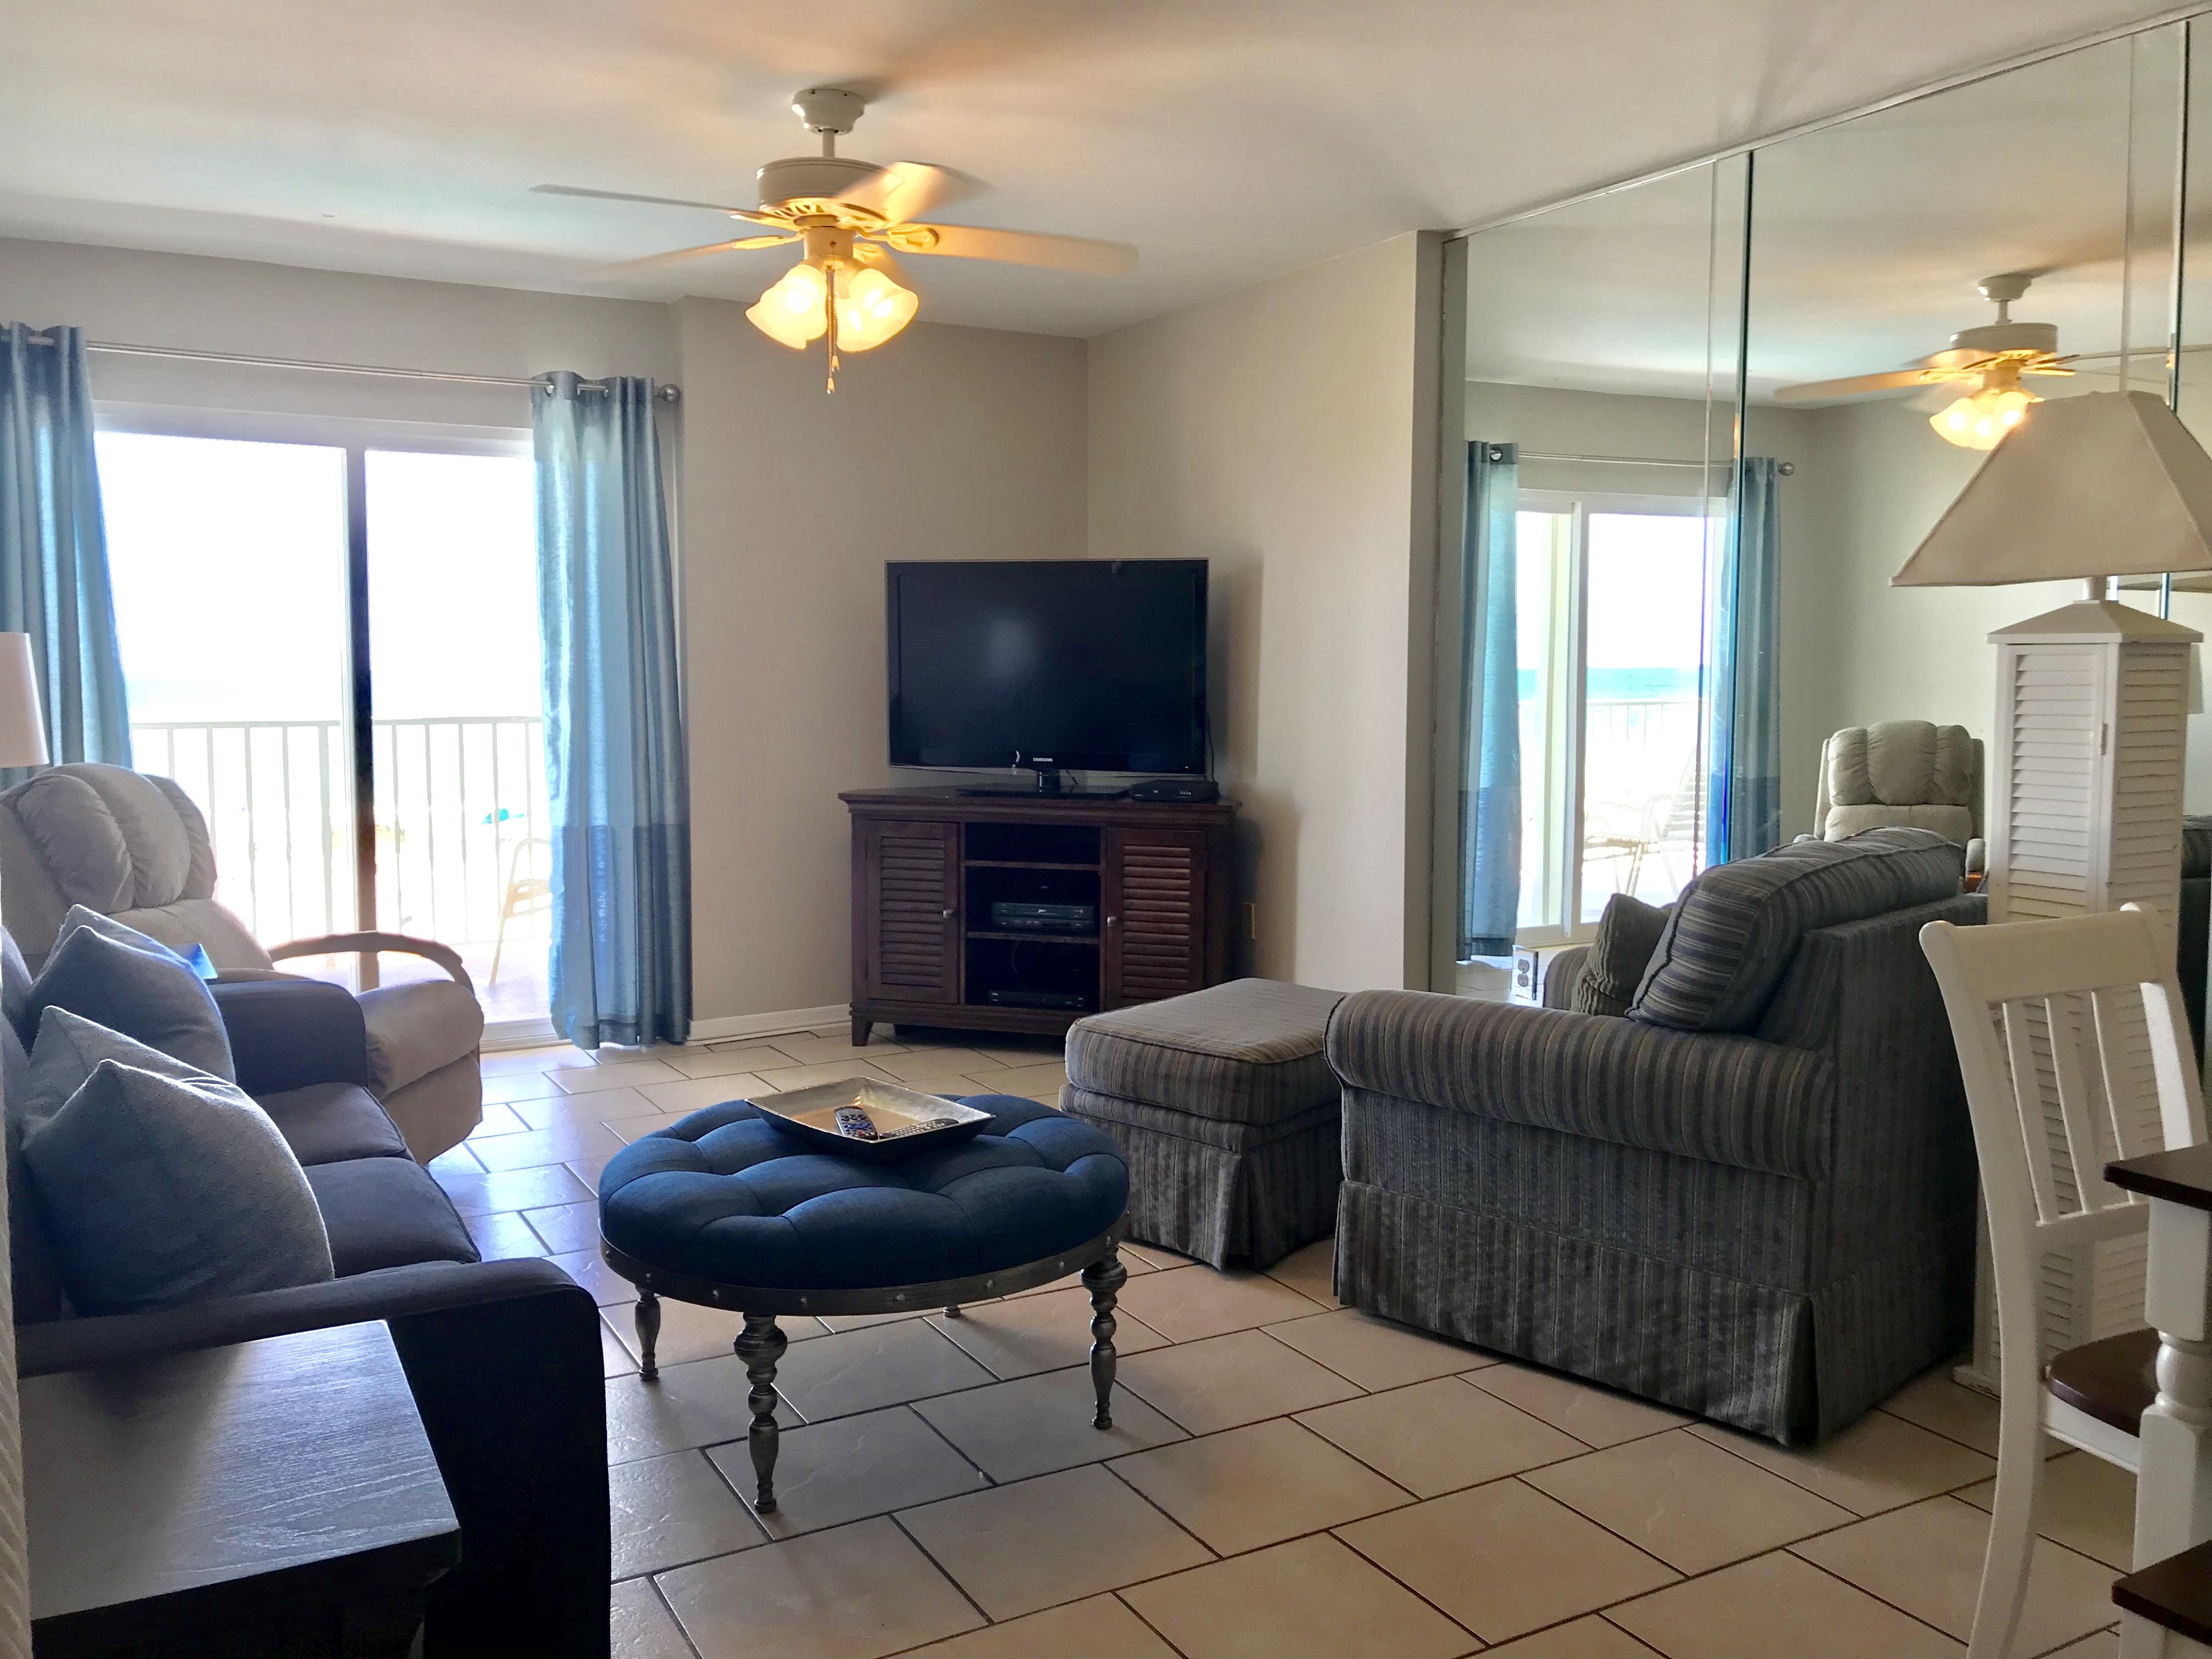 Ocean House 1201 Condo rental in Ocean House - Gulf Shores in Gulf Shores Alabama - #8